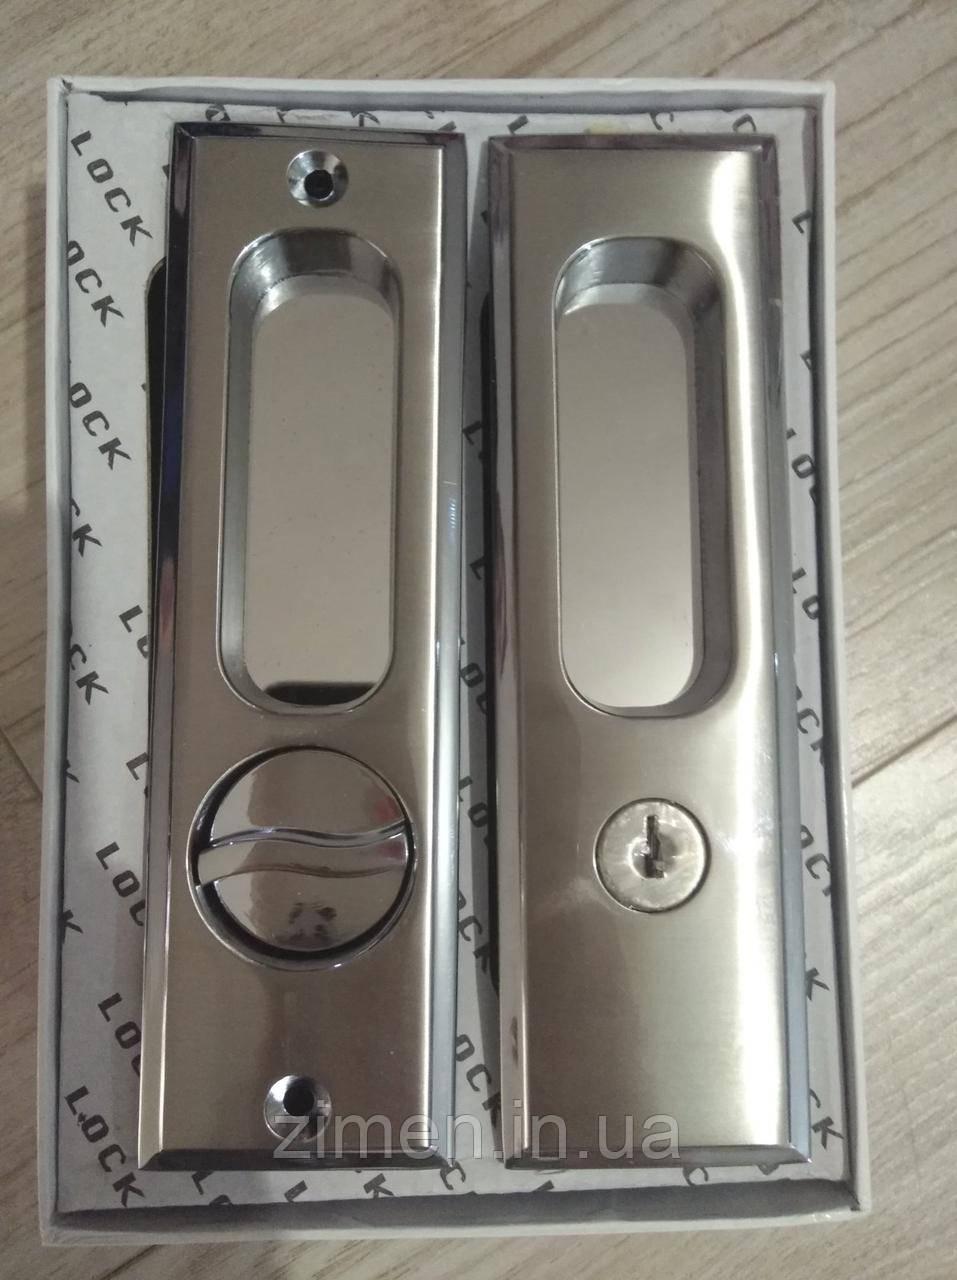 Ручка для розсувних дверей з замком SOFIA 808-18 SN